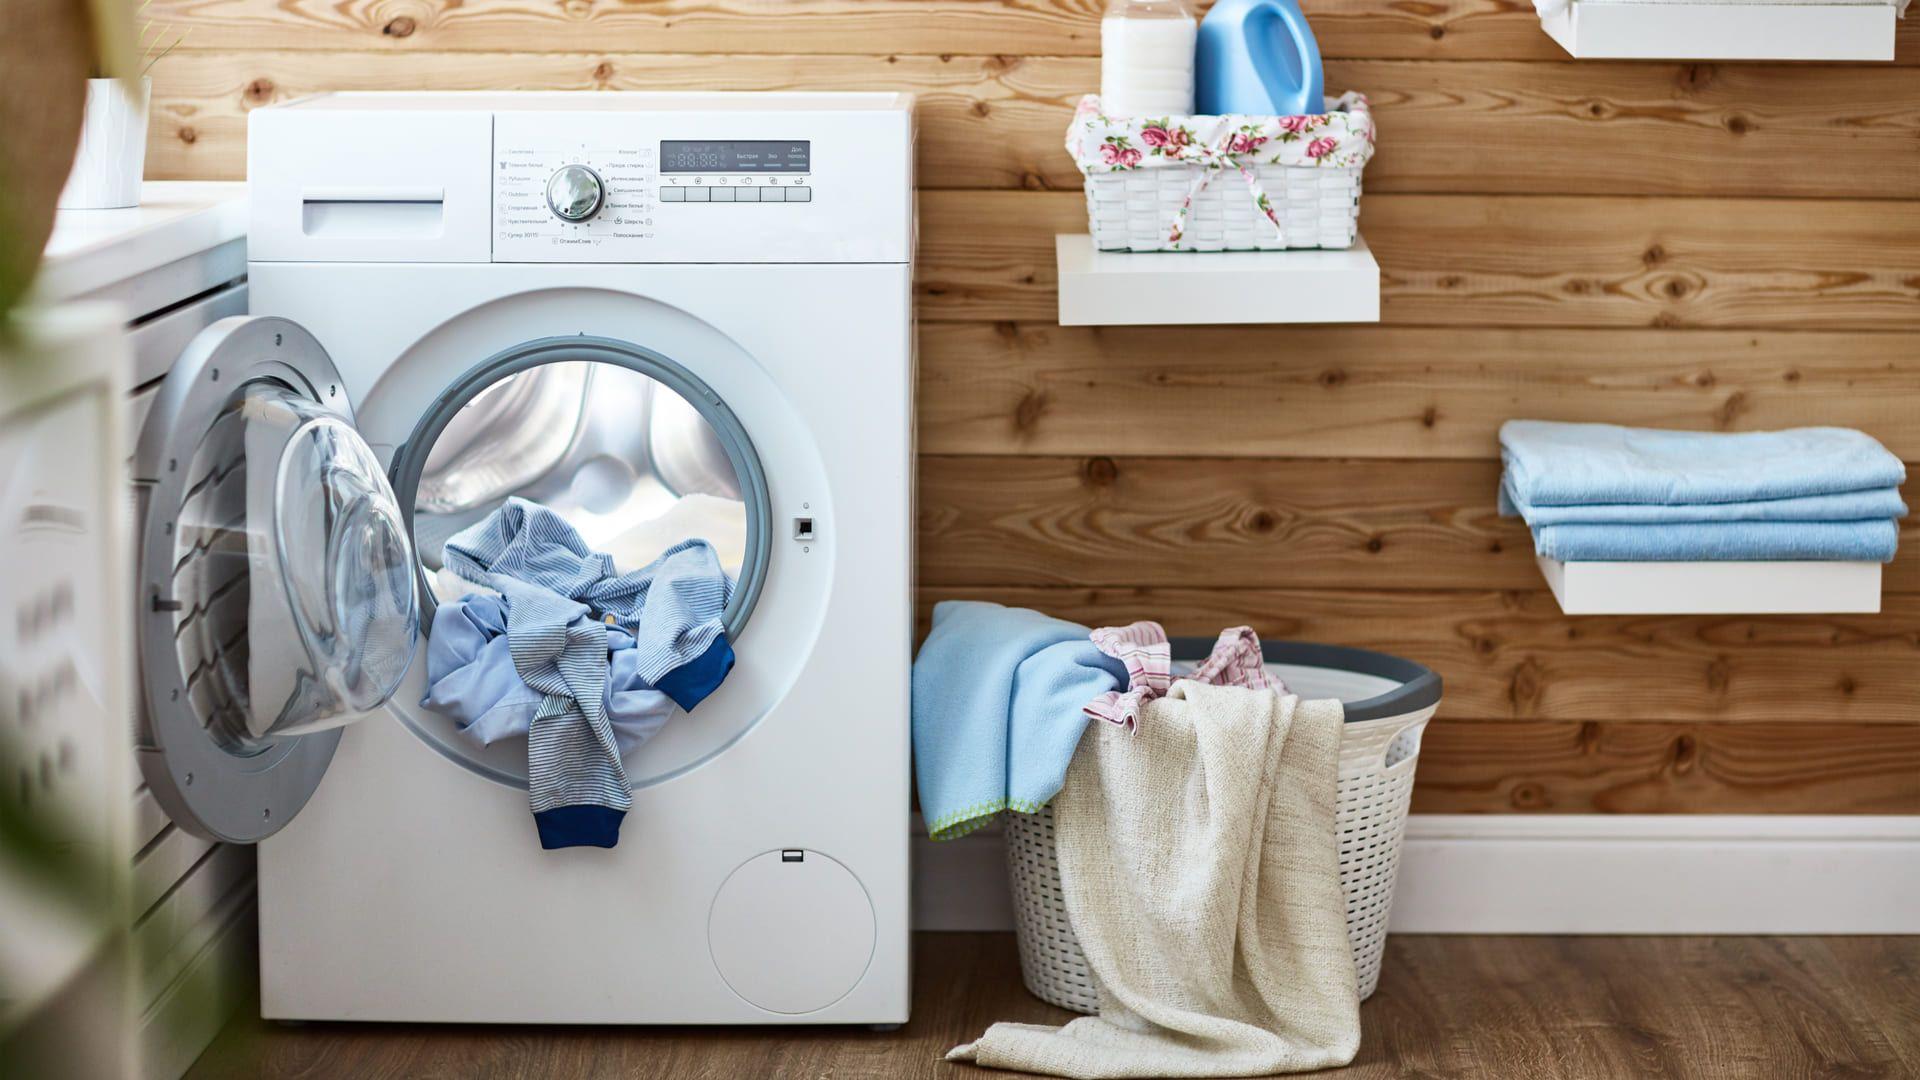 Confira nossa lista e encontre a máquina de lavar barata para a sua casa! (Imagem: Reprodução/Shutterstock)